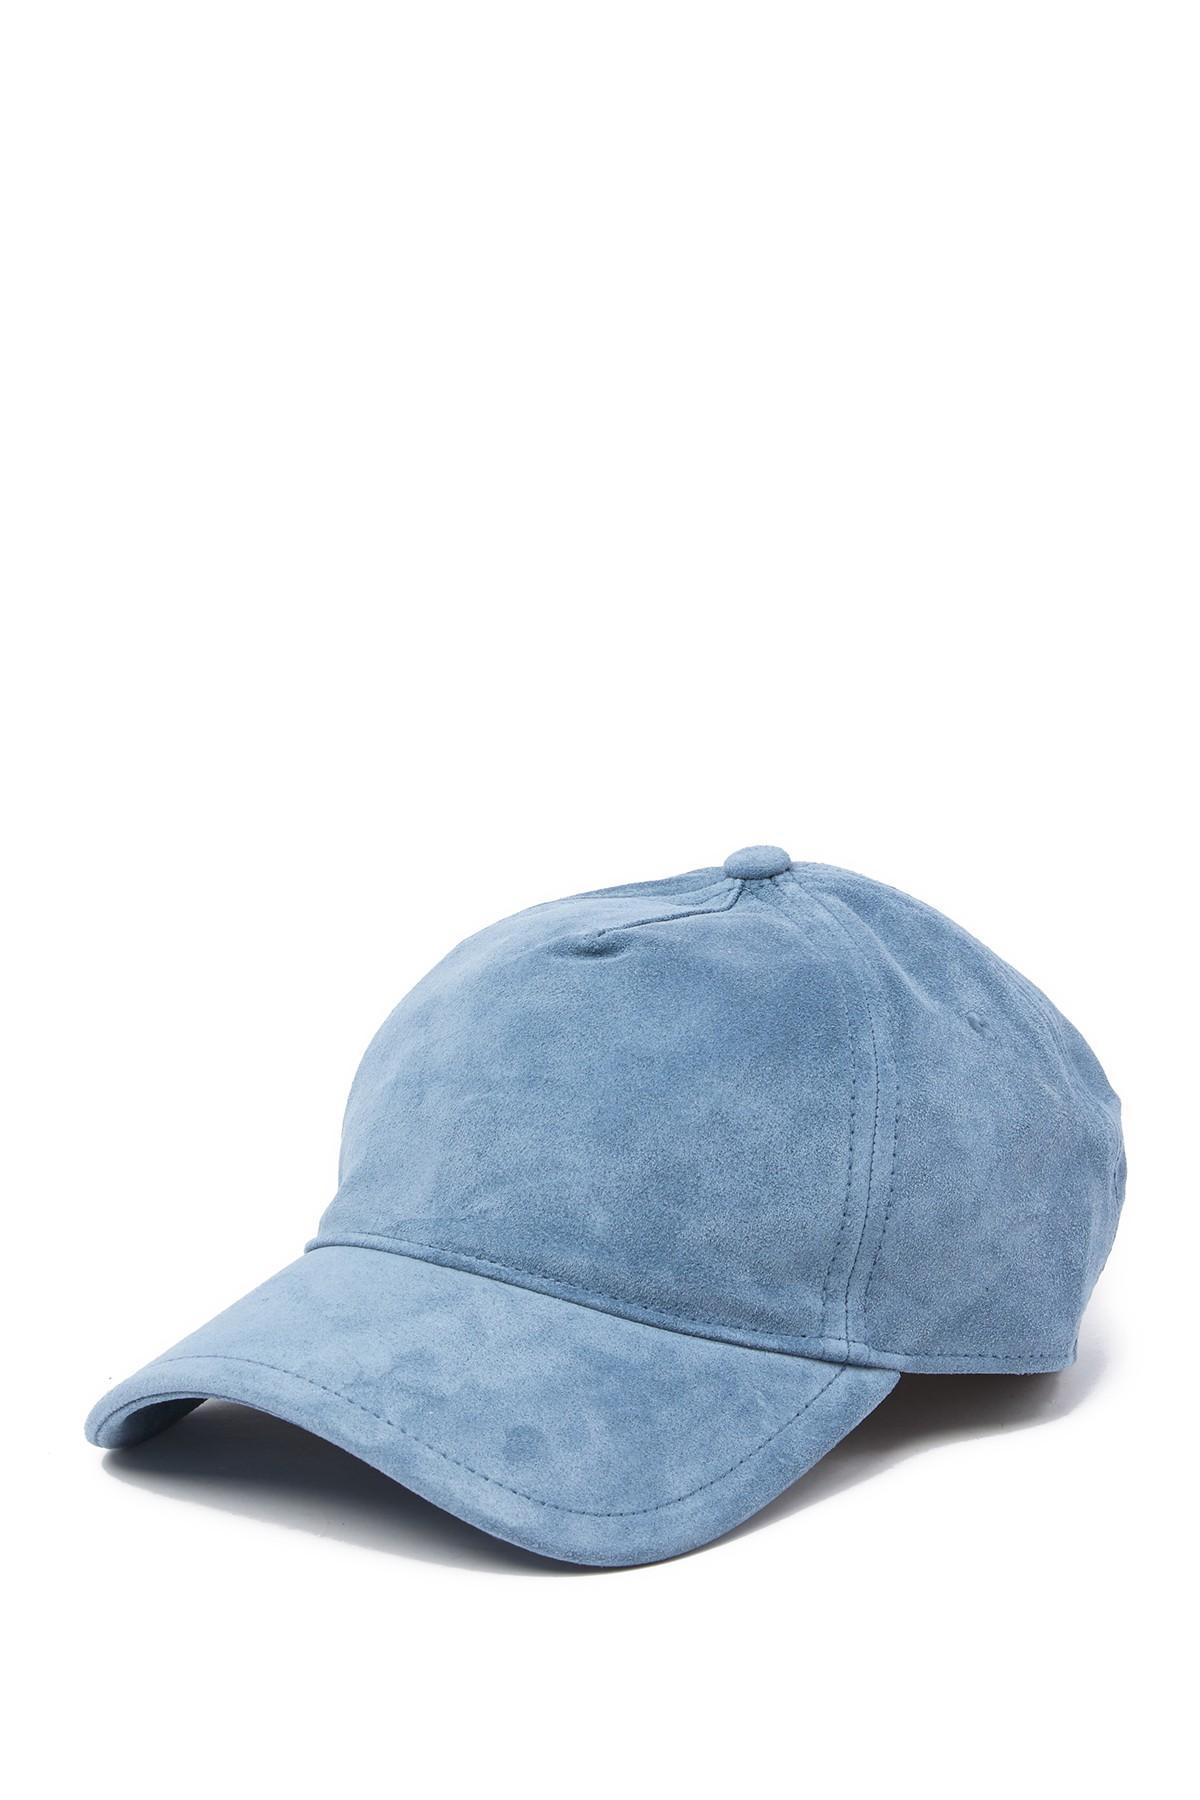 Lyst - Rag   Bone Marilyn Baseball Cap in Blue 3ab1e7c85a52